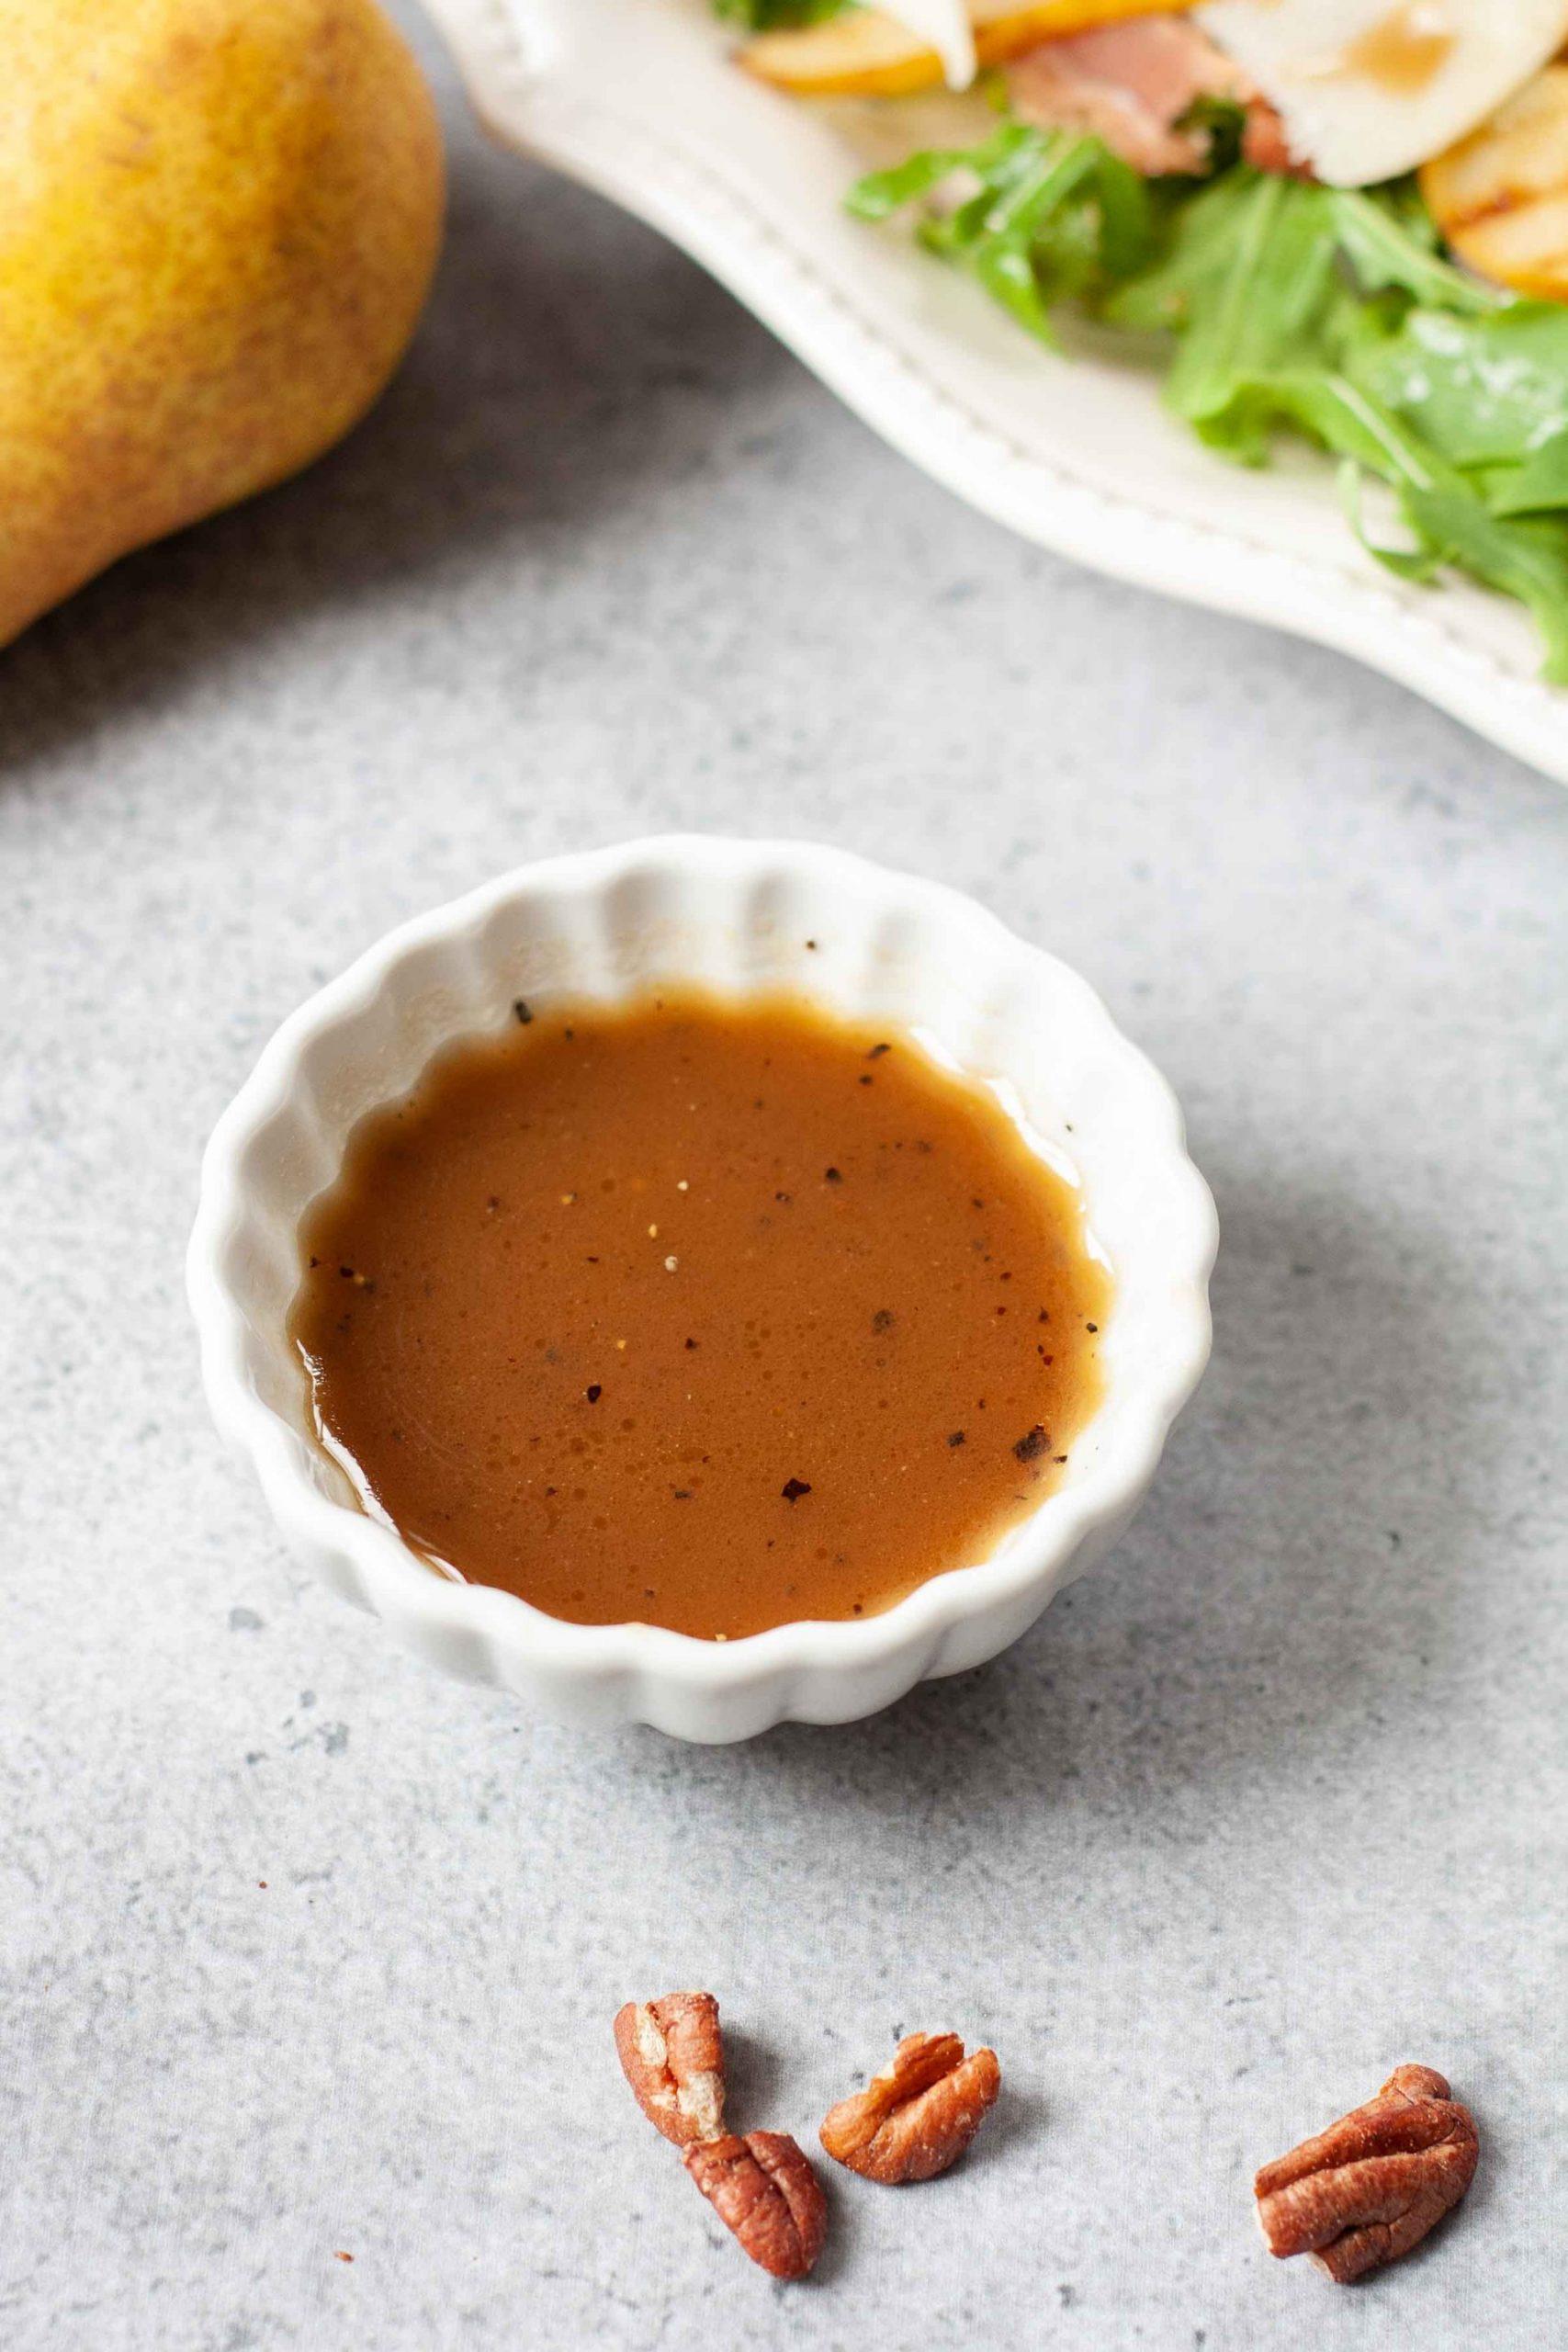 honey balsamic vinaigrette in a small bowl